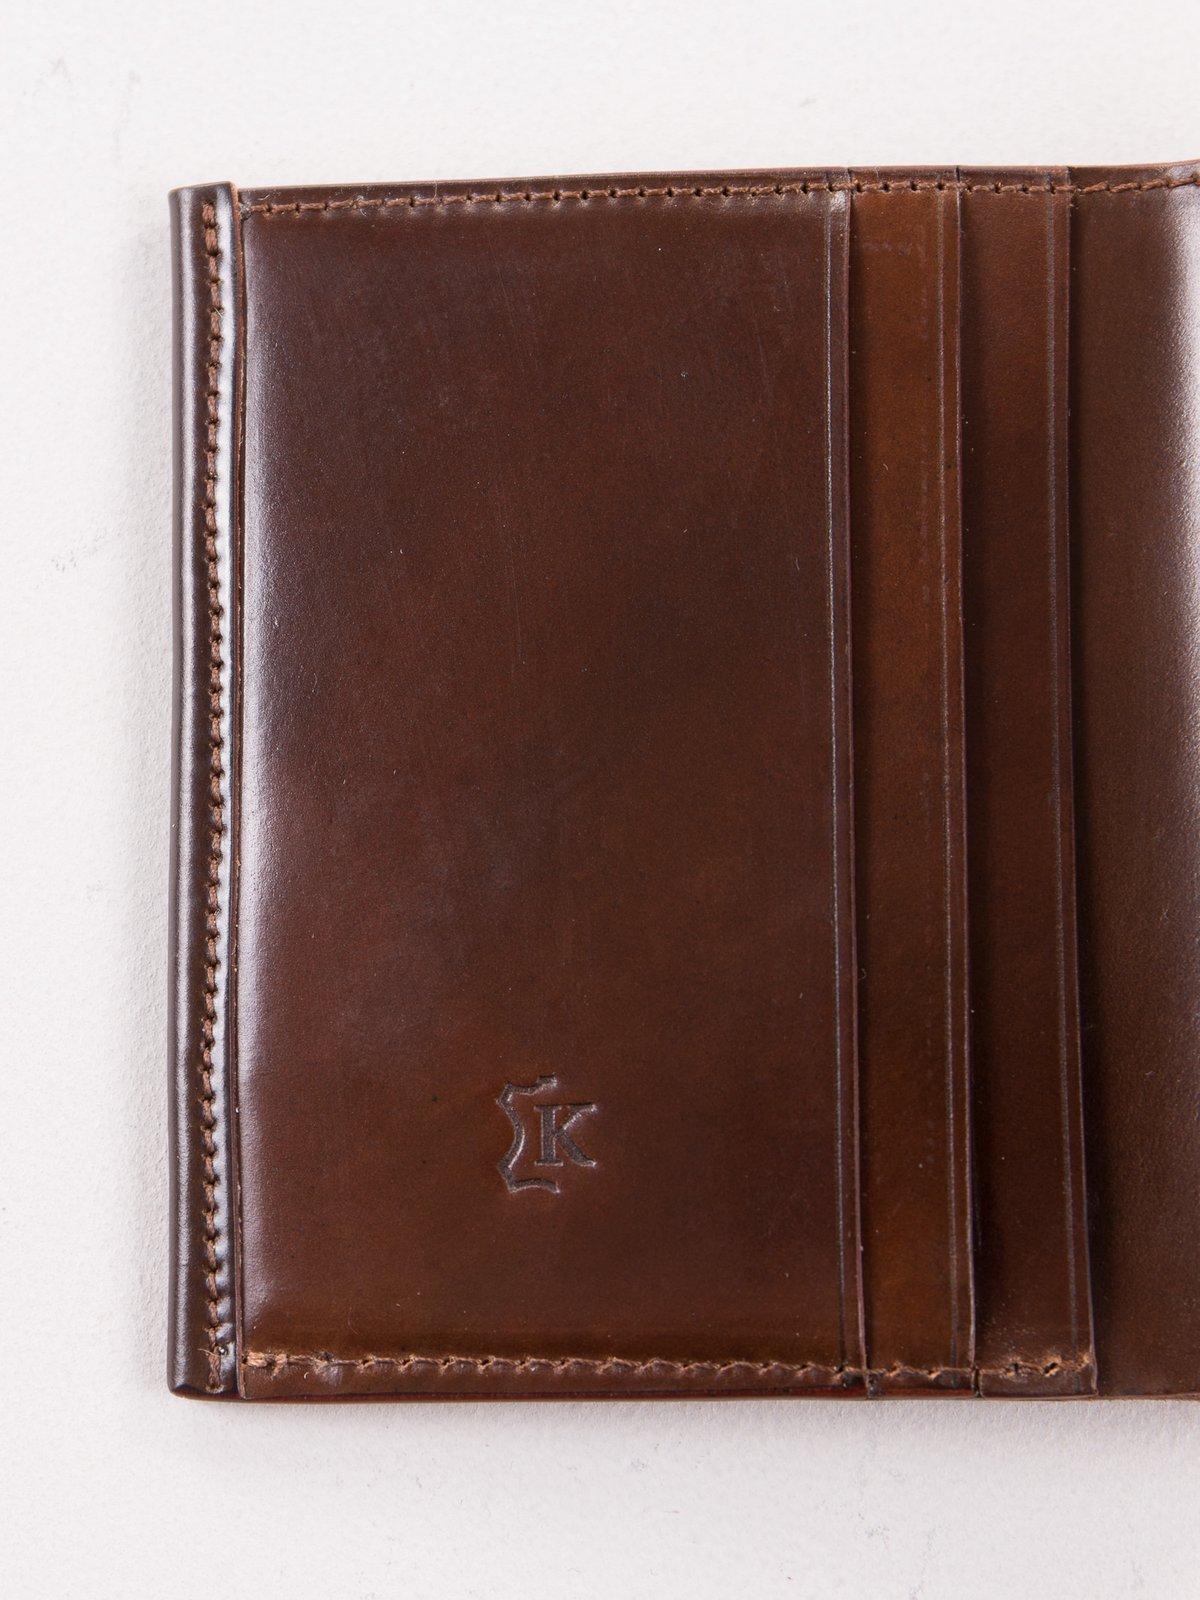 Color 8 Horween Cordovan 3–3 Wallet - Image 3